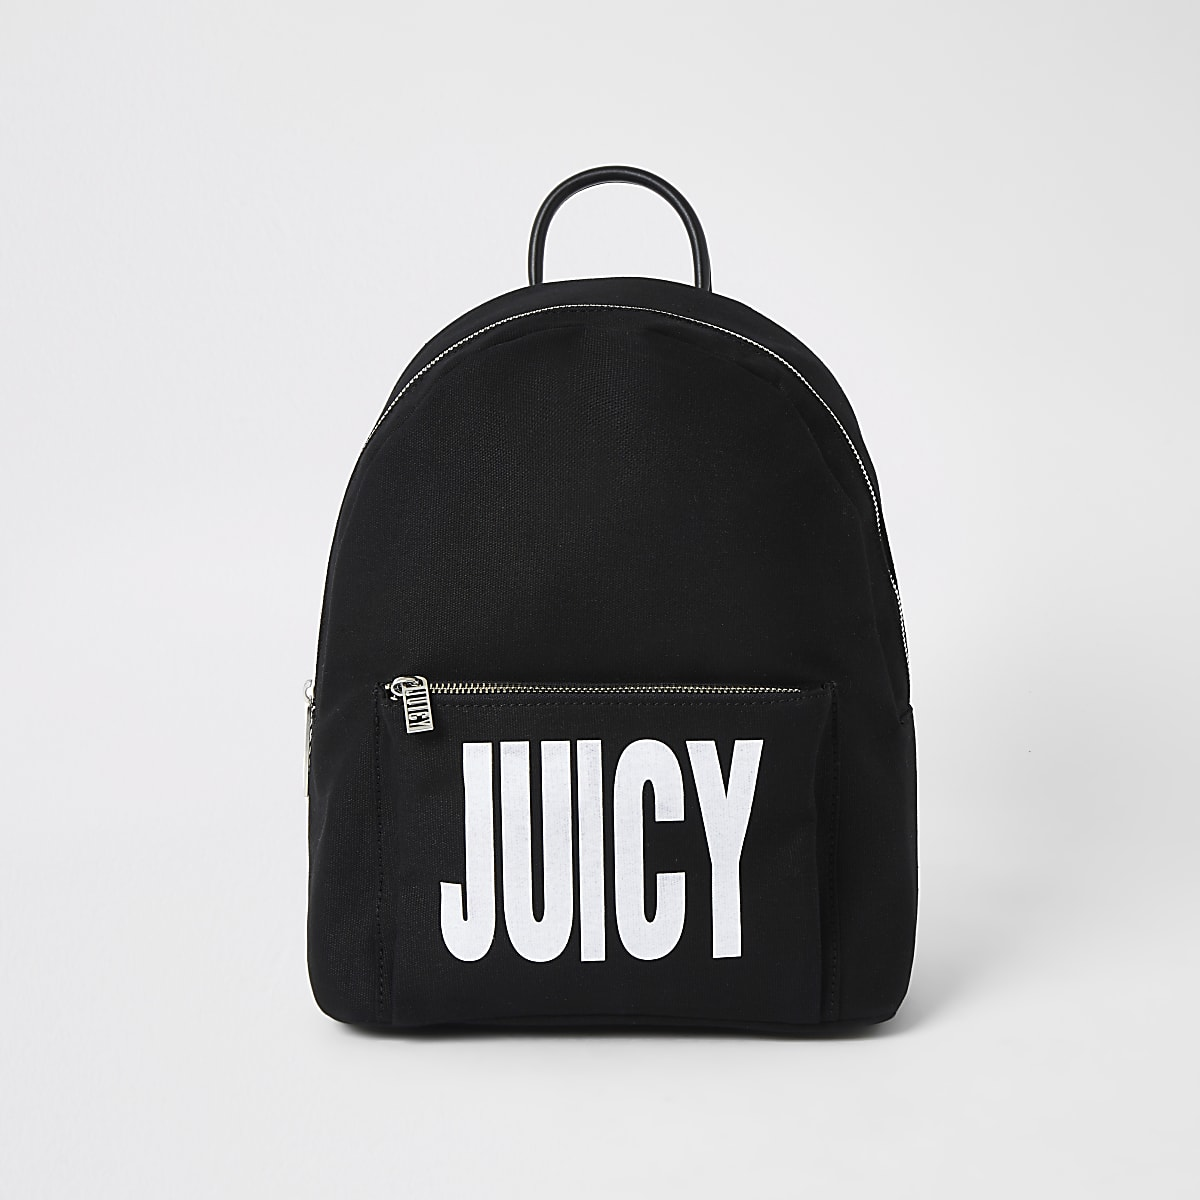 Juicy Couture - Zwarte rugzak met logo